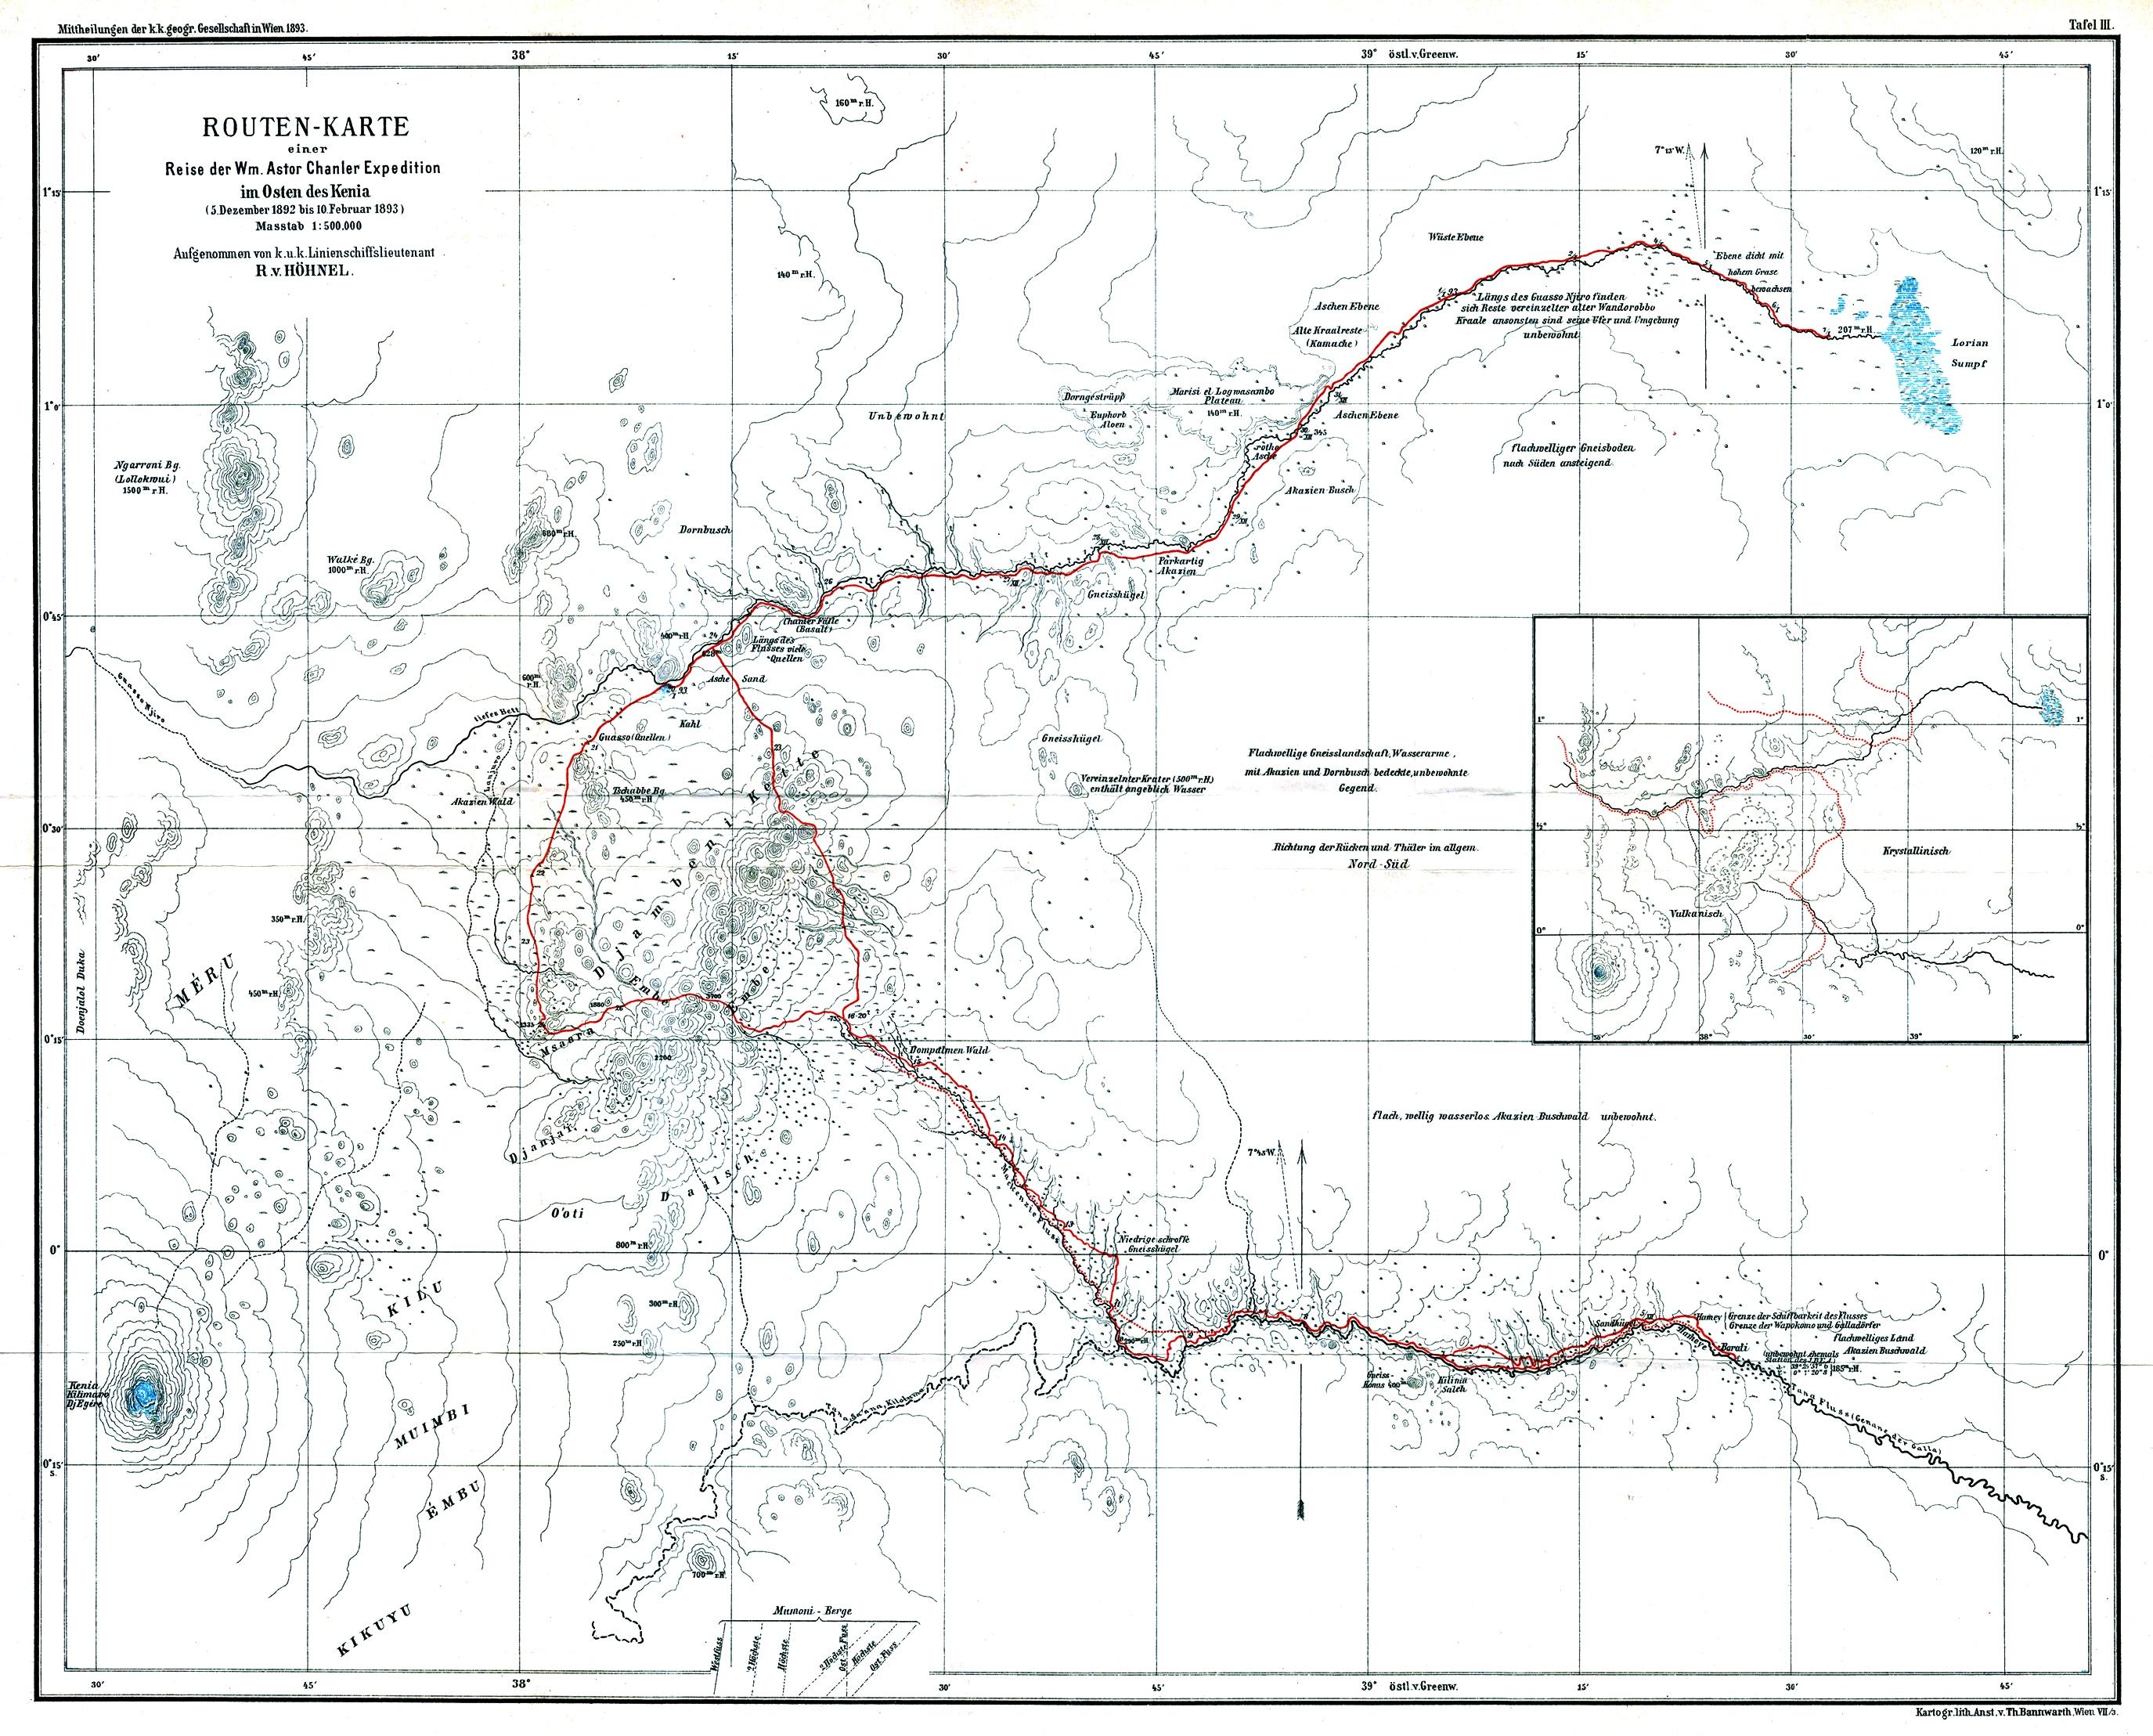 Kenia Karte.File Routen Karte Einer Reise Der Wm Astor Chanler Expedition Im